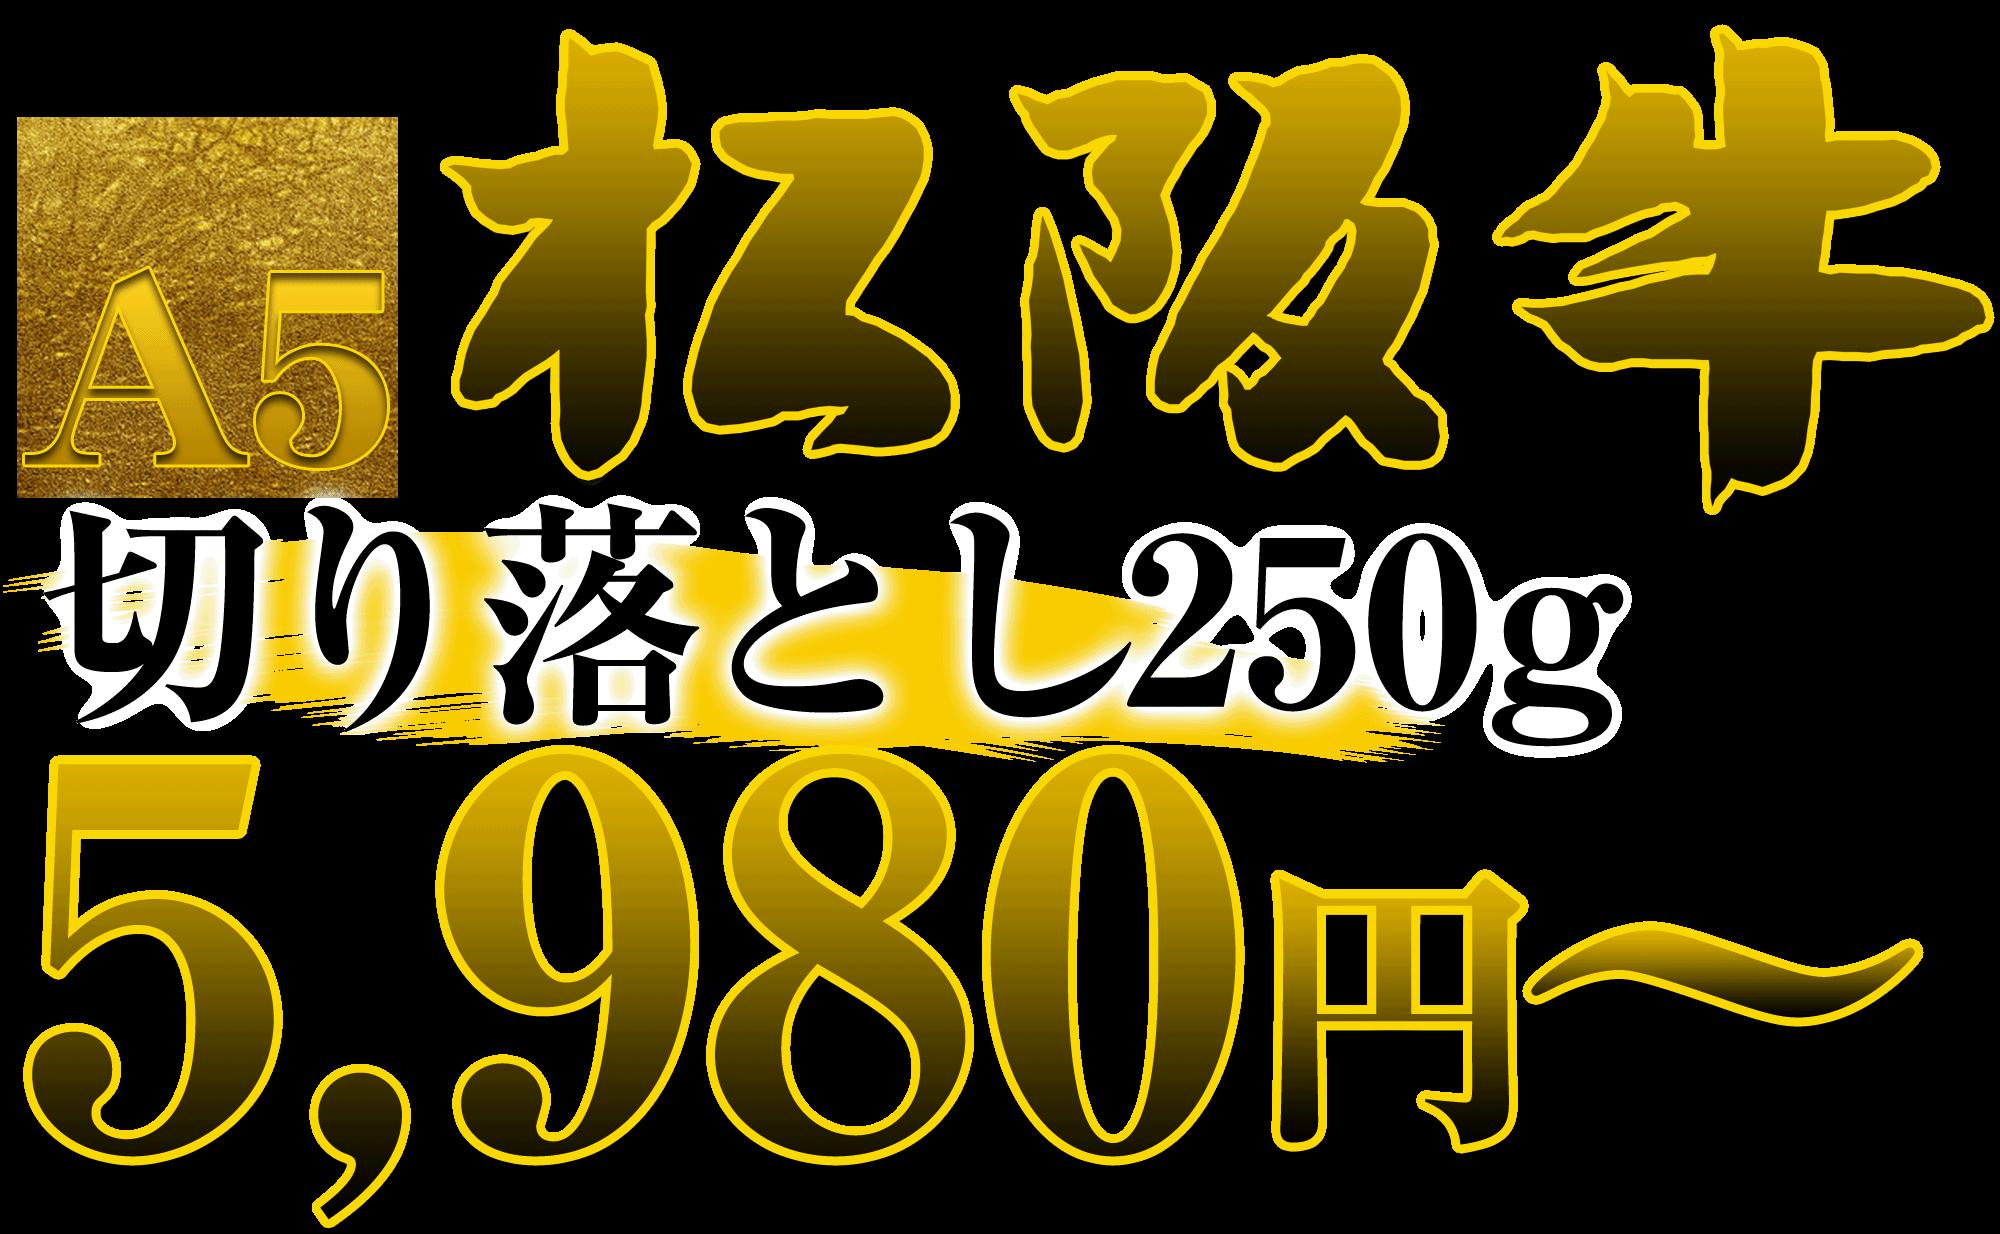 250g 5980円